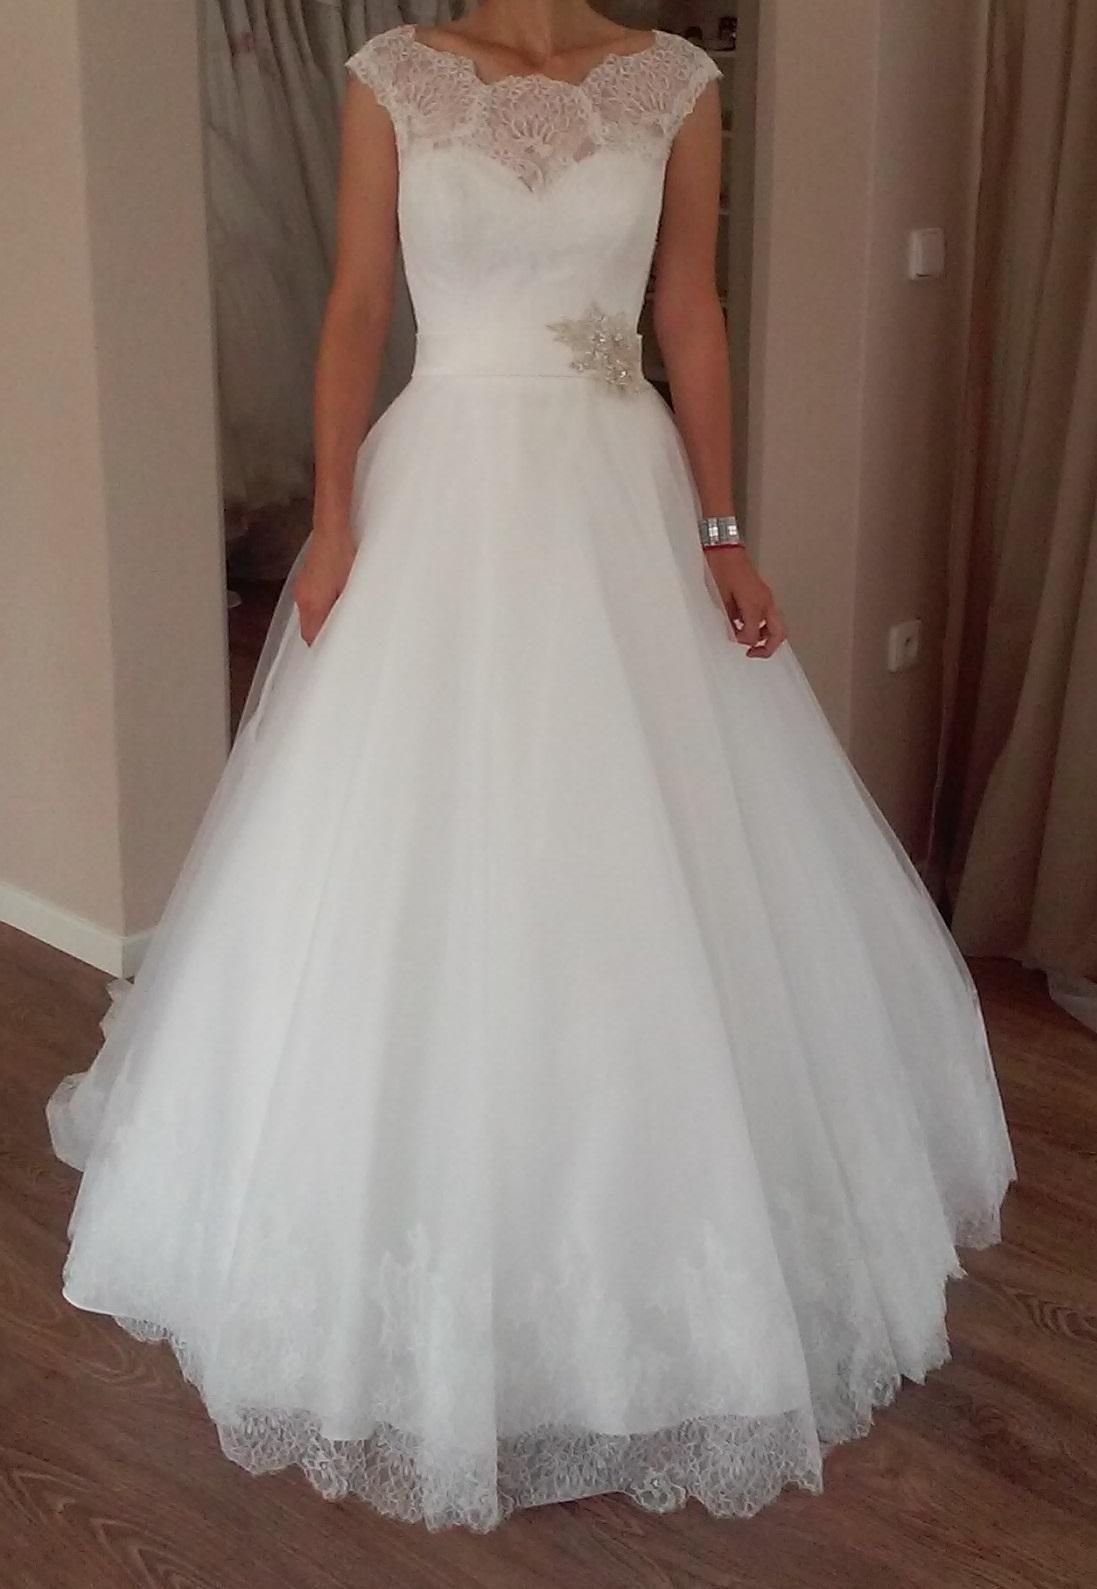 20. aug 2014 o 23 49 • Svadba bola v septembri 2014 • Odpovedz • Páči sa mi  to • fa3378a44e7